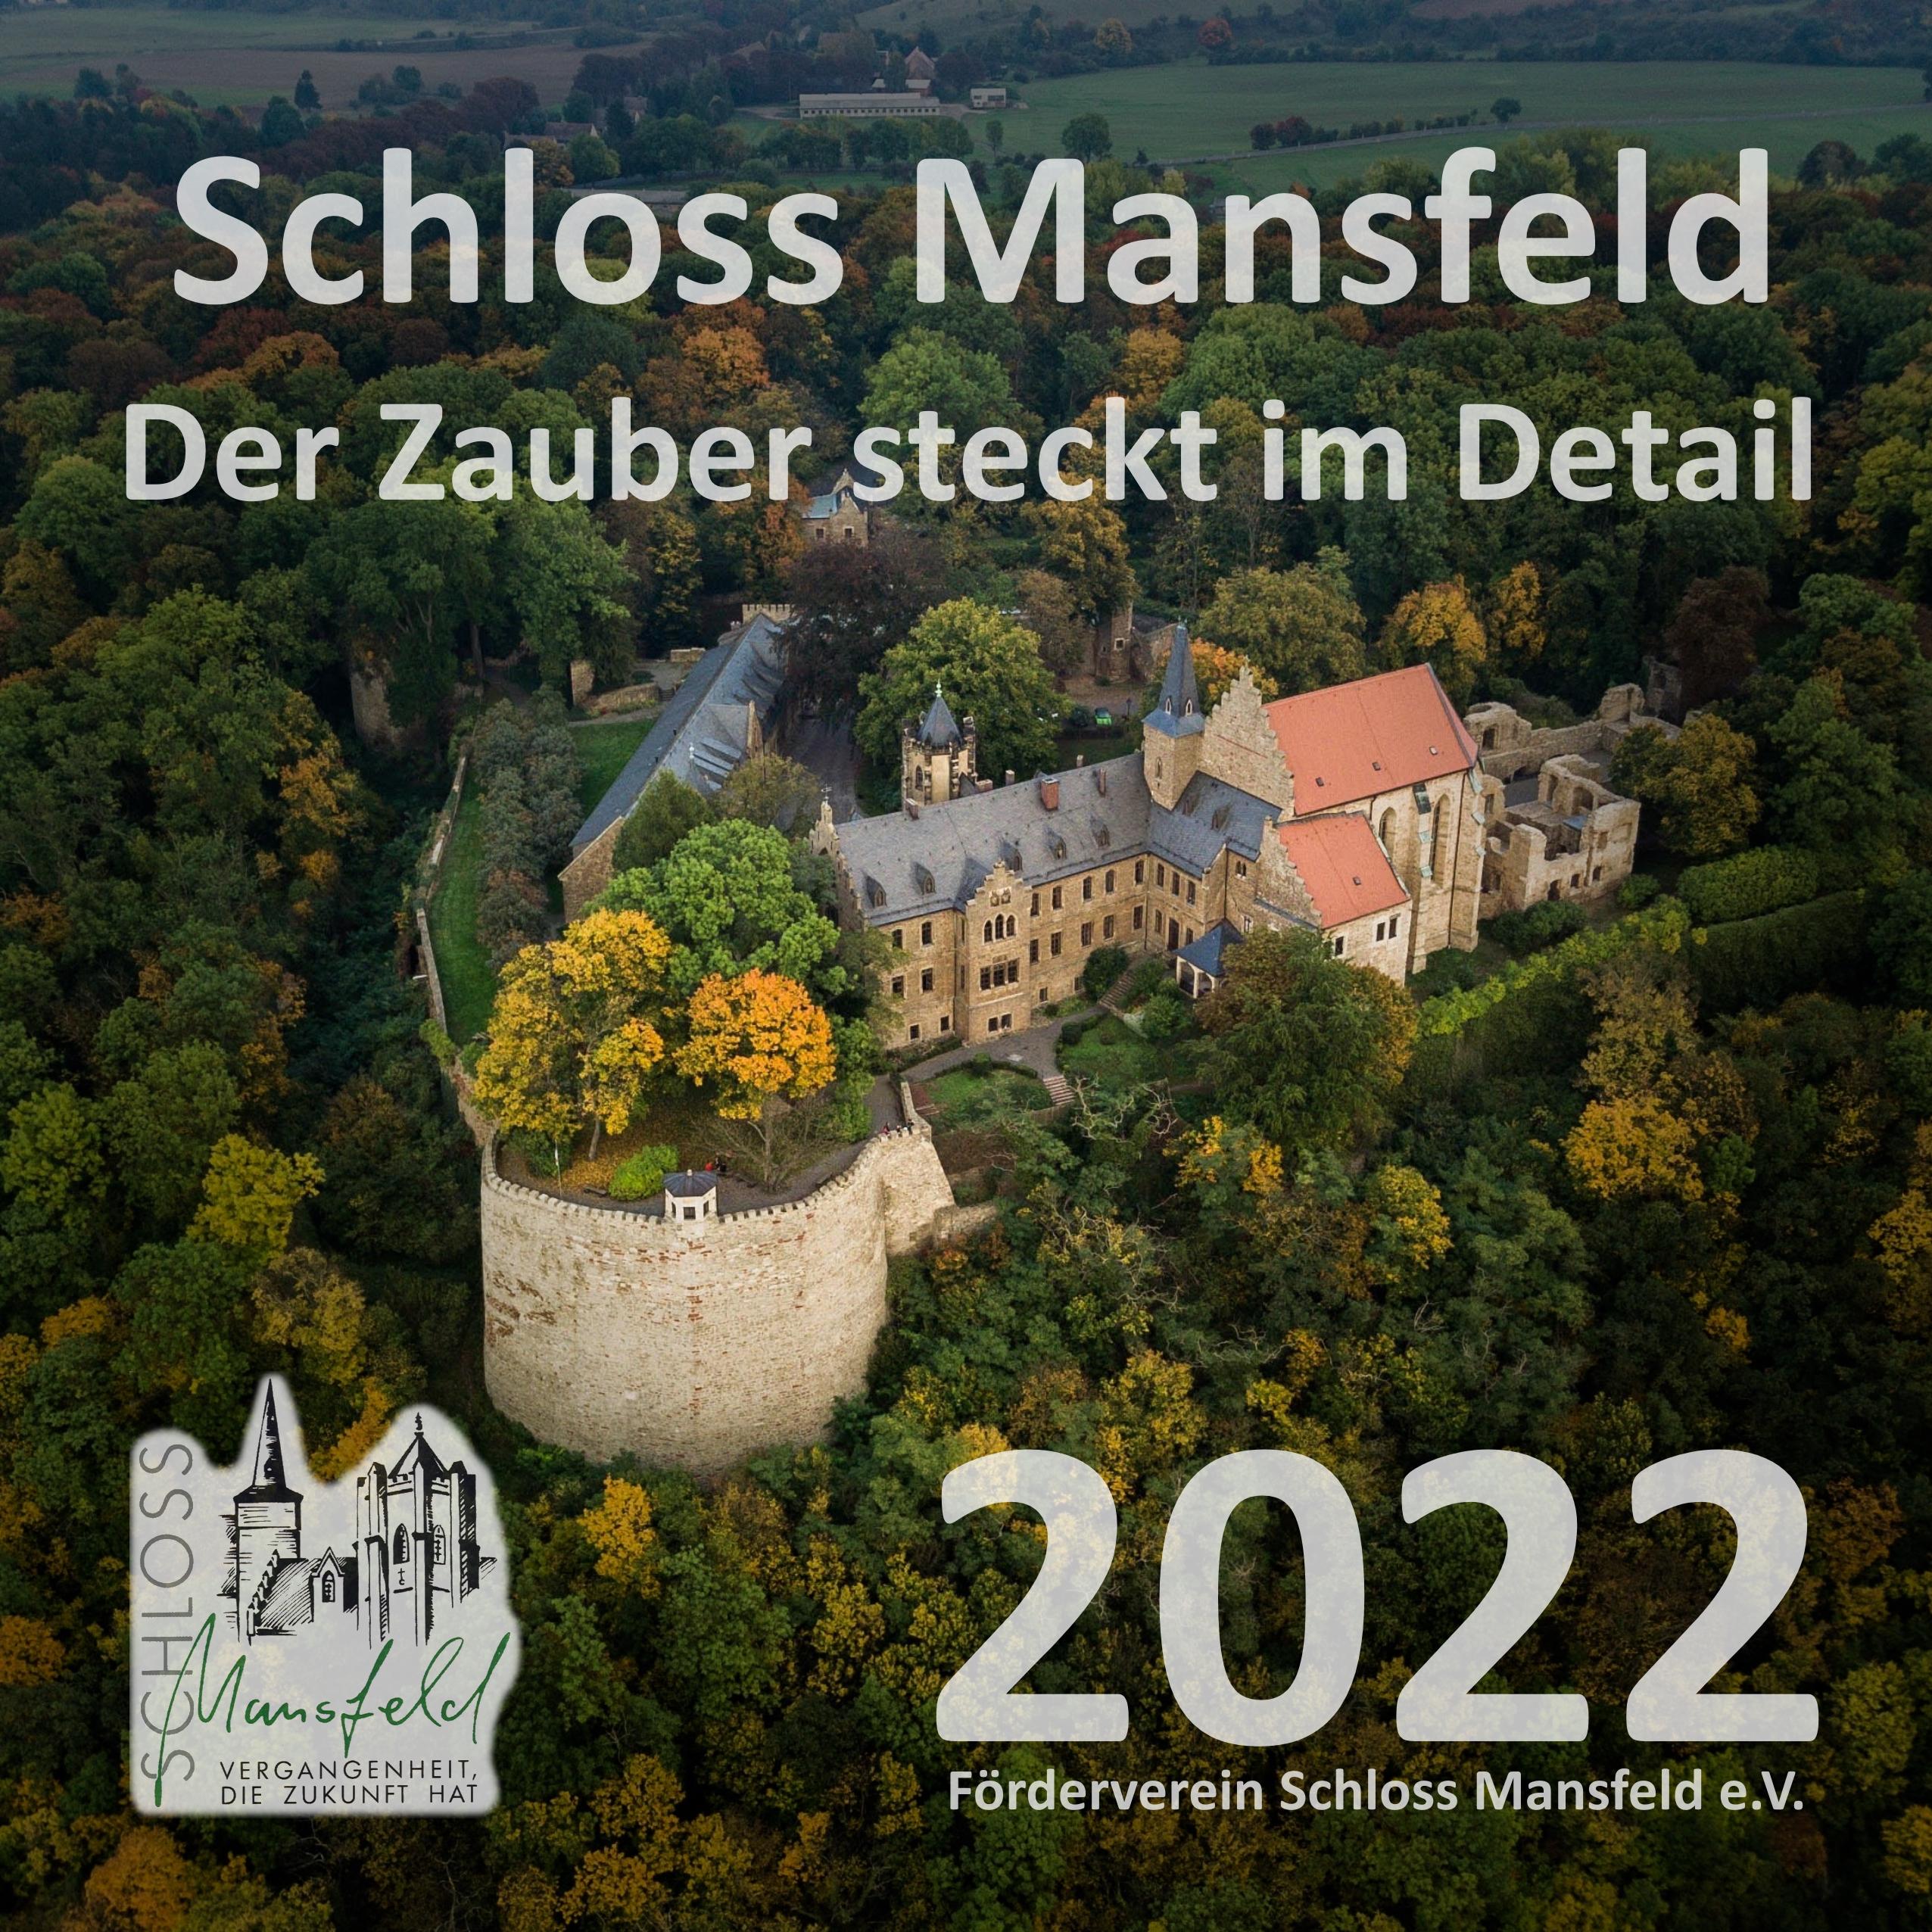 https://www.schloss-mansfeld.de/2021/wandkalender-2022/